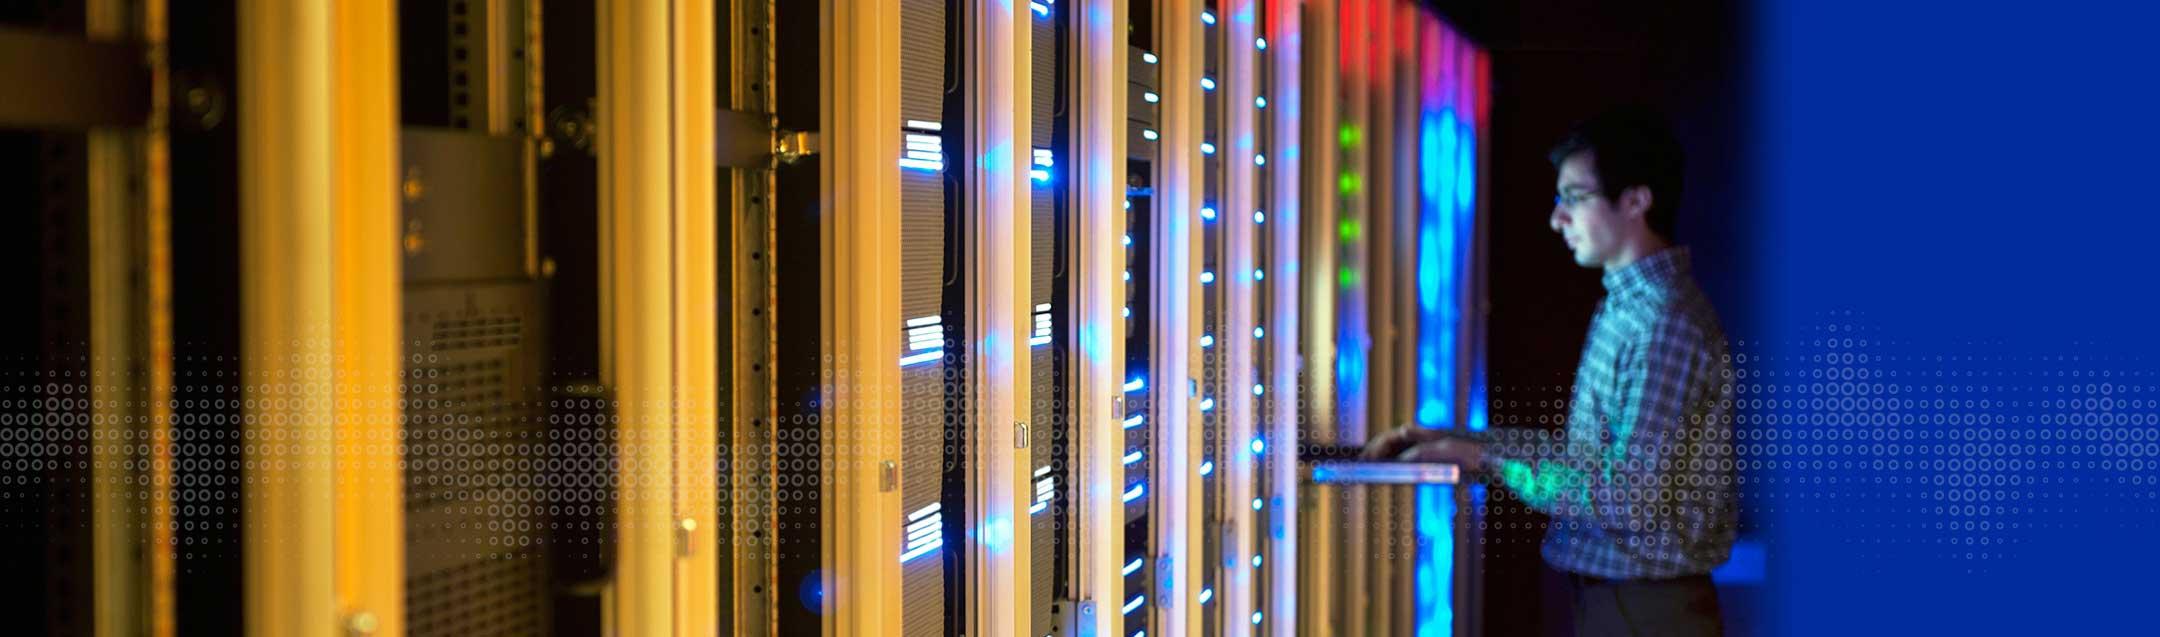 数据中心和 IT